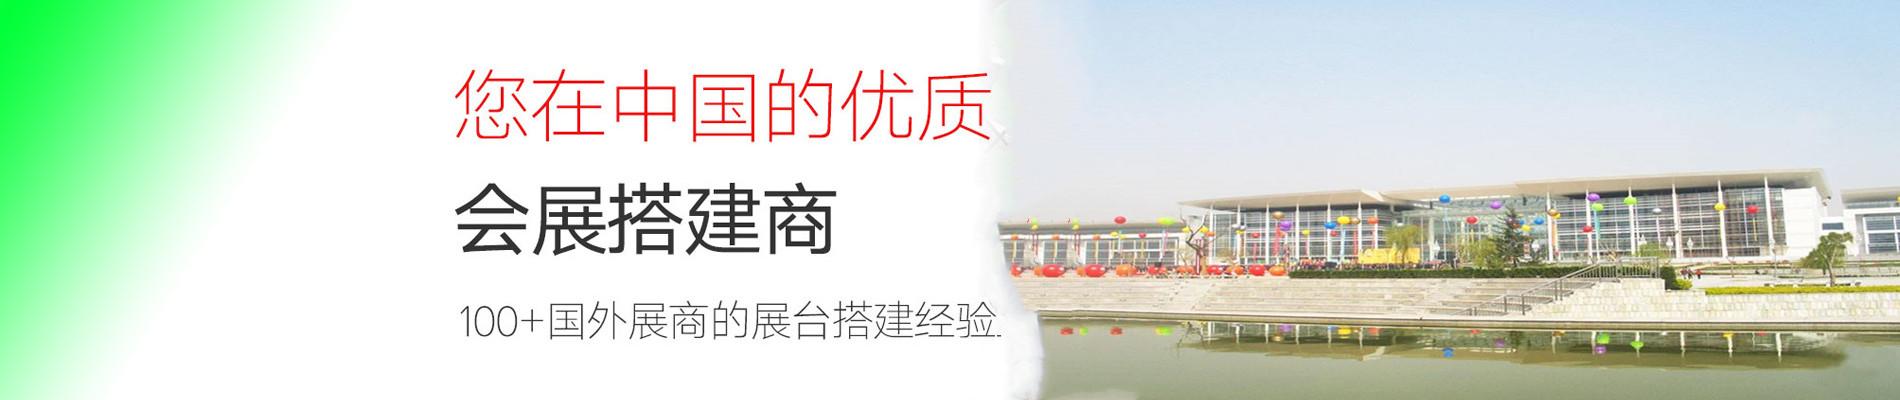 金耶会议展览(上海)有限公司